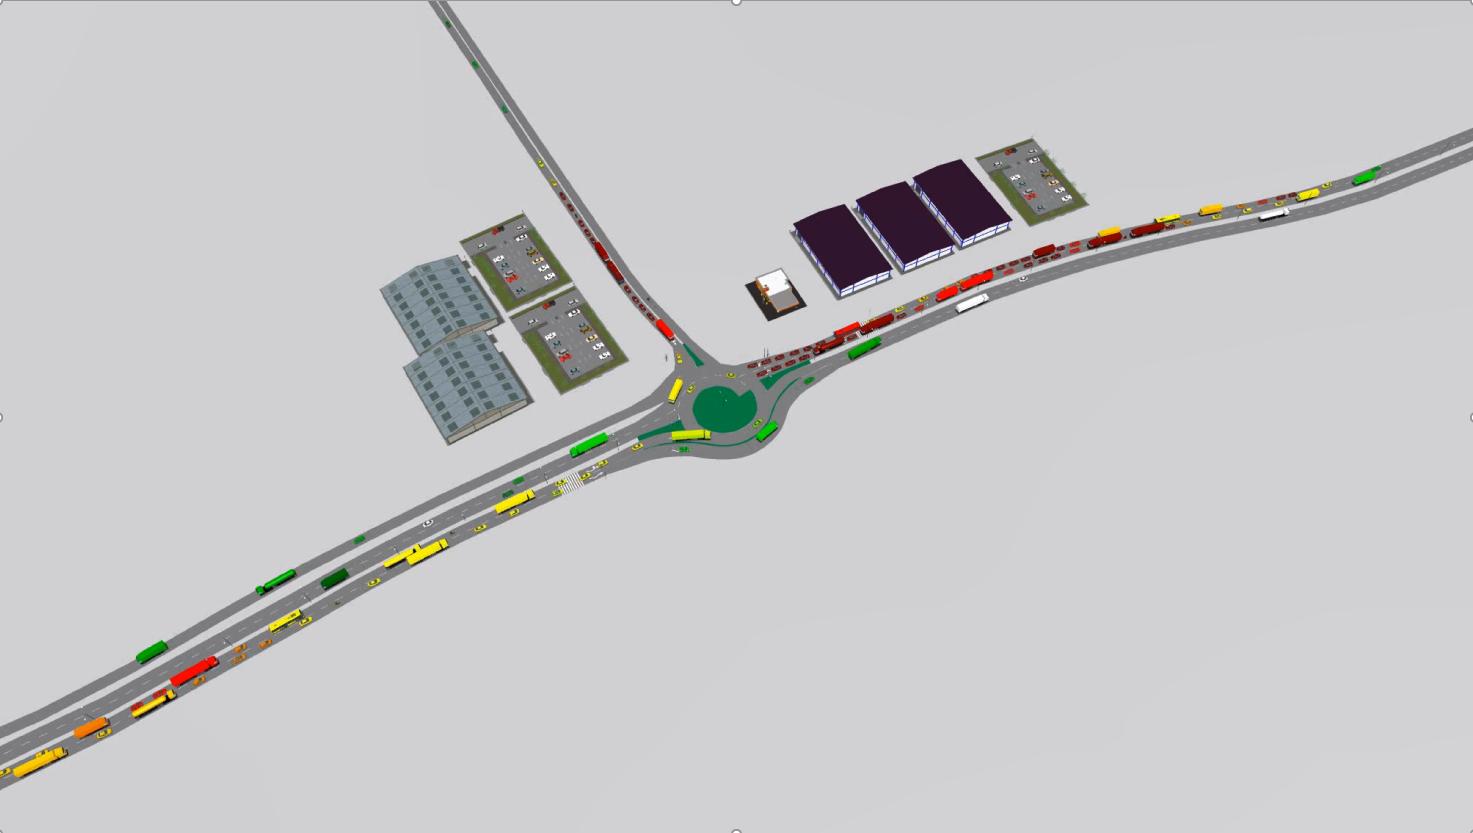 Au început lucrările de construcție a unui sens giratoriu modern în Otopeni. Cu ce este acesta diferit față de un giratoriu obișnuit